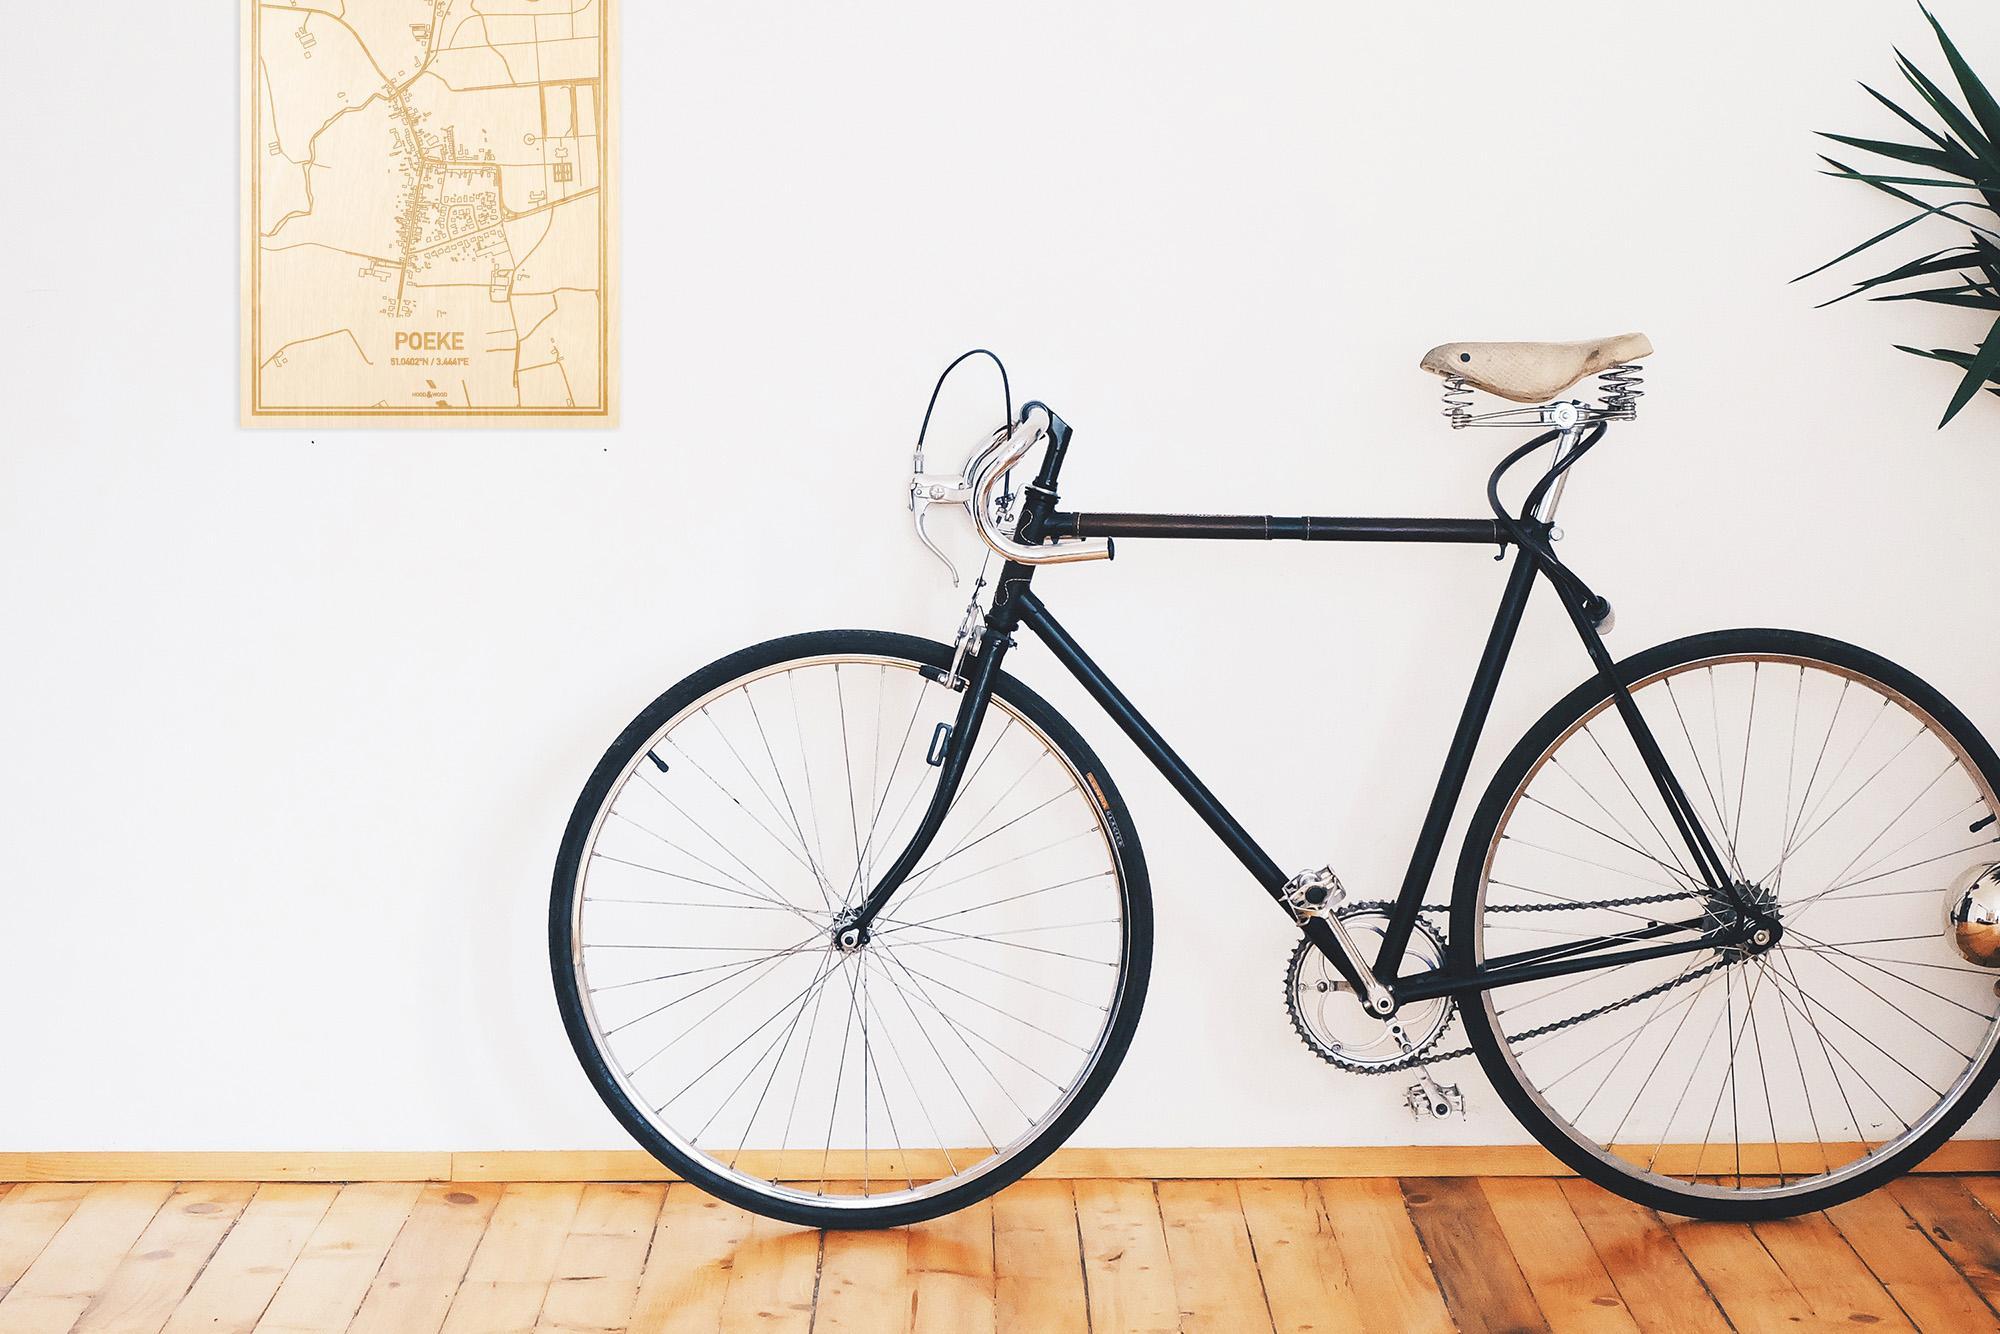 Een snelle fiets in een uniek interieur in Oost-Vlaanderen  met mooie decoratie zoals de plattegrond Poeke.